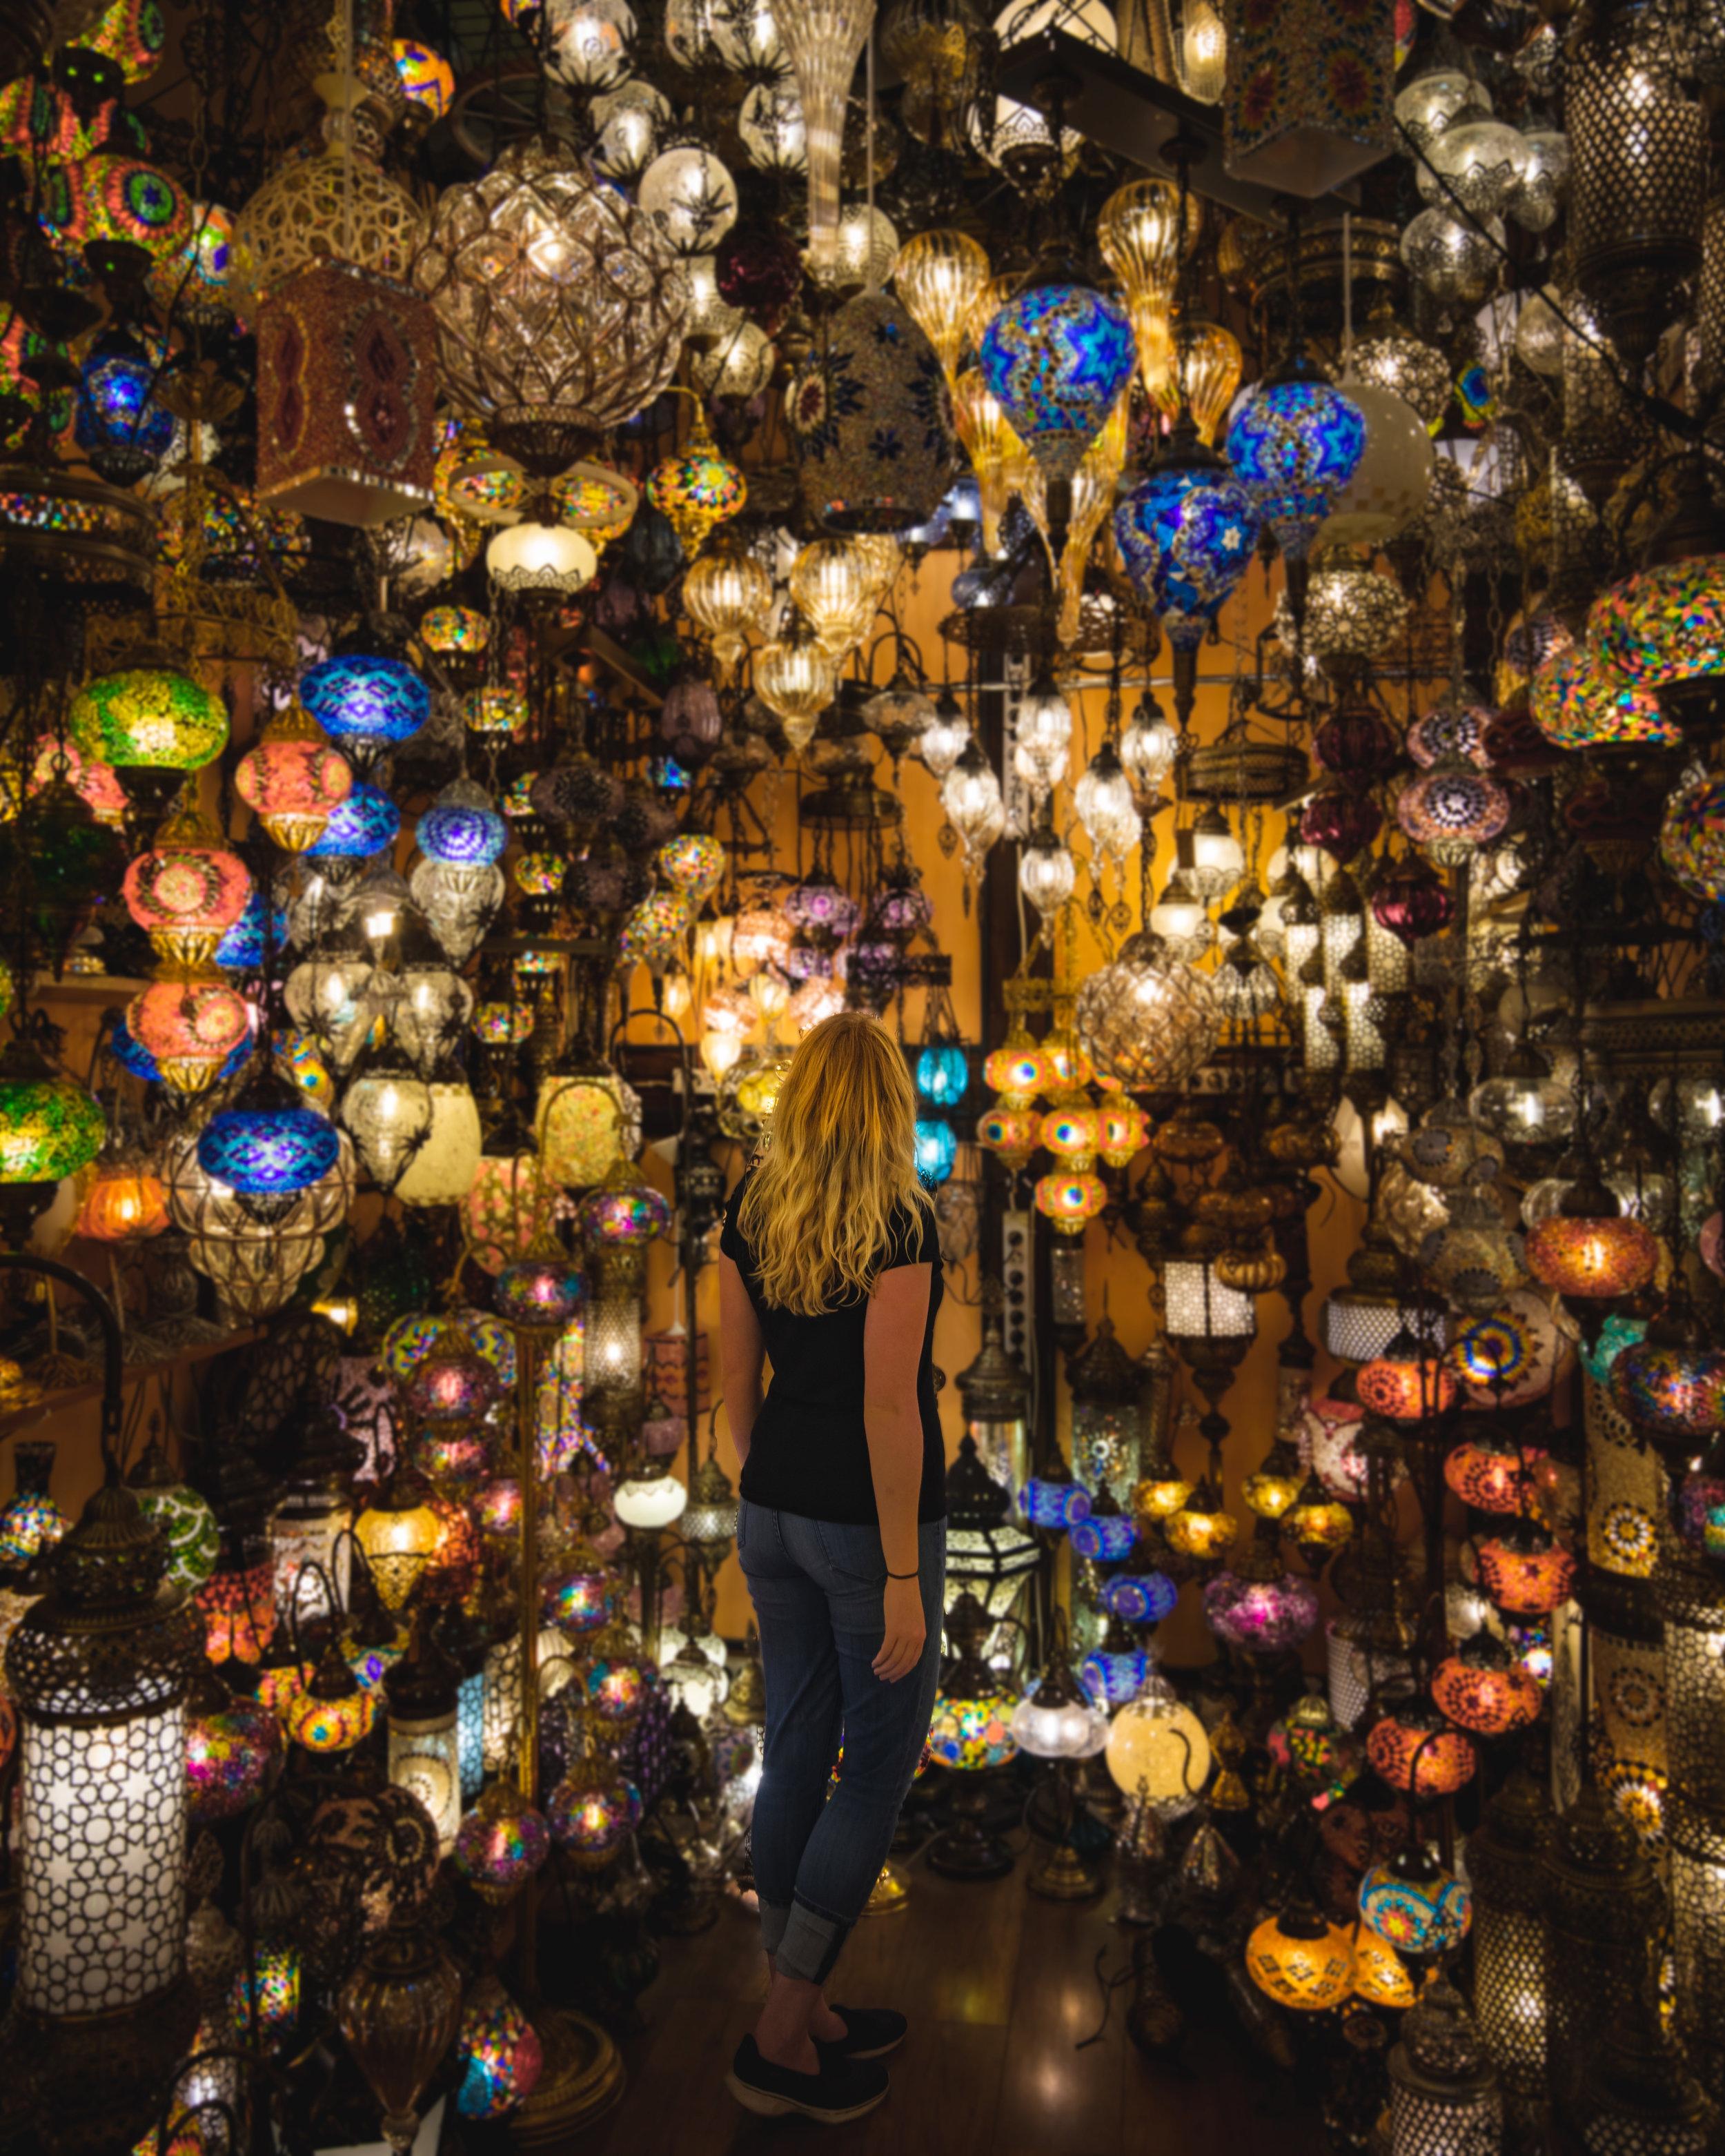 Instagrammable Spots in Turkey - The Grand Bazaar in Istanbul